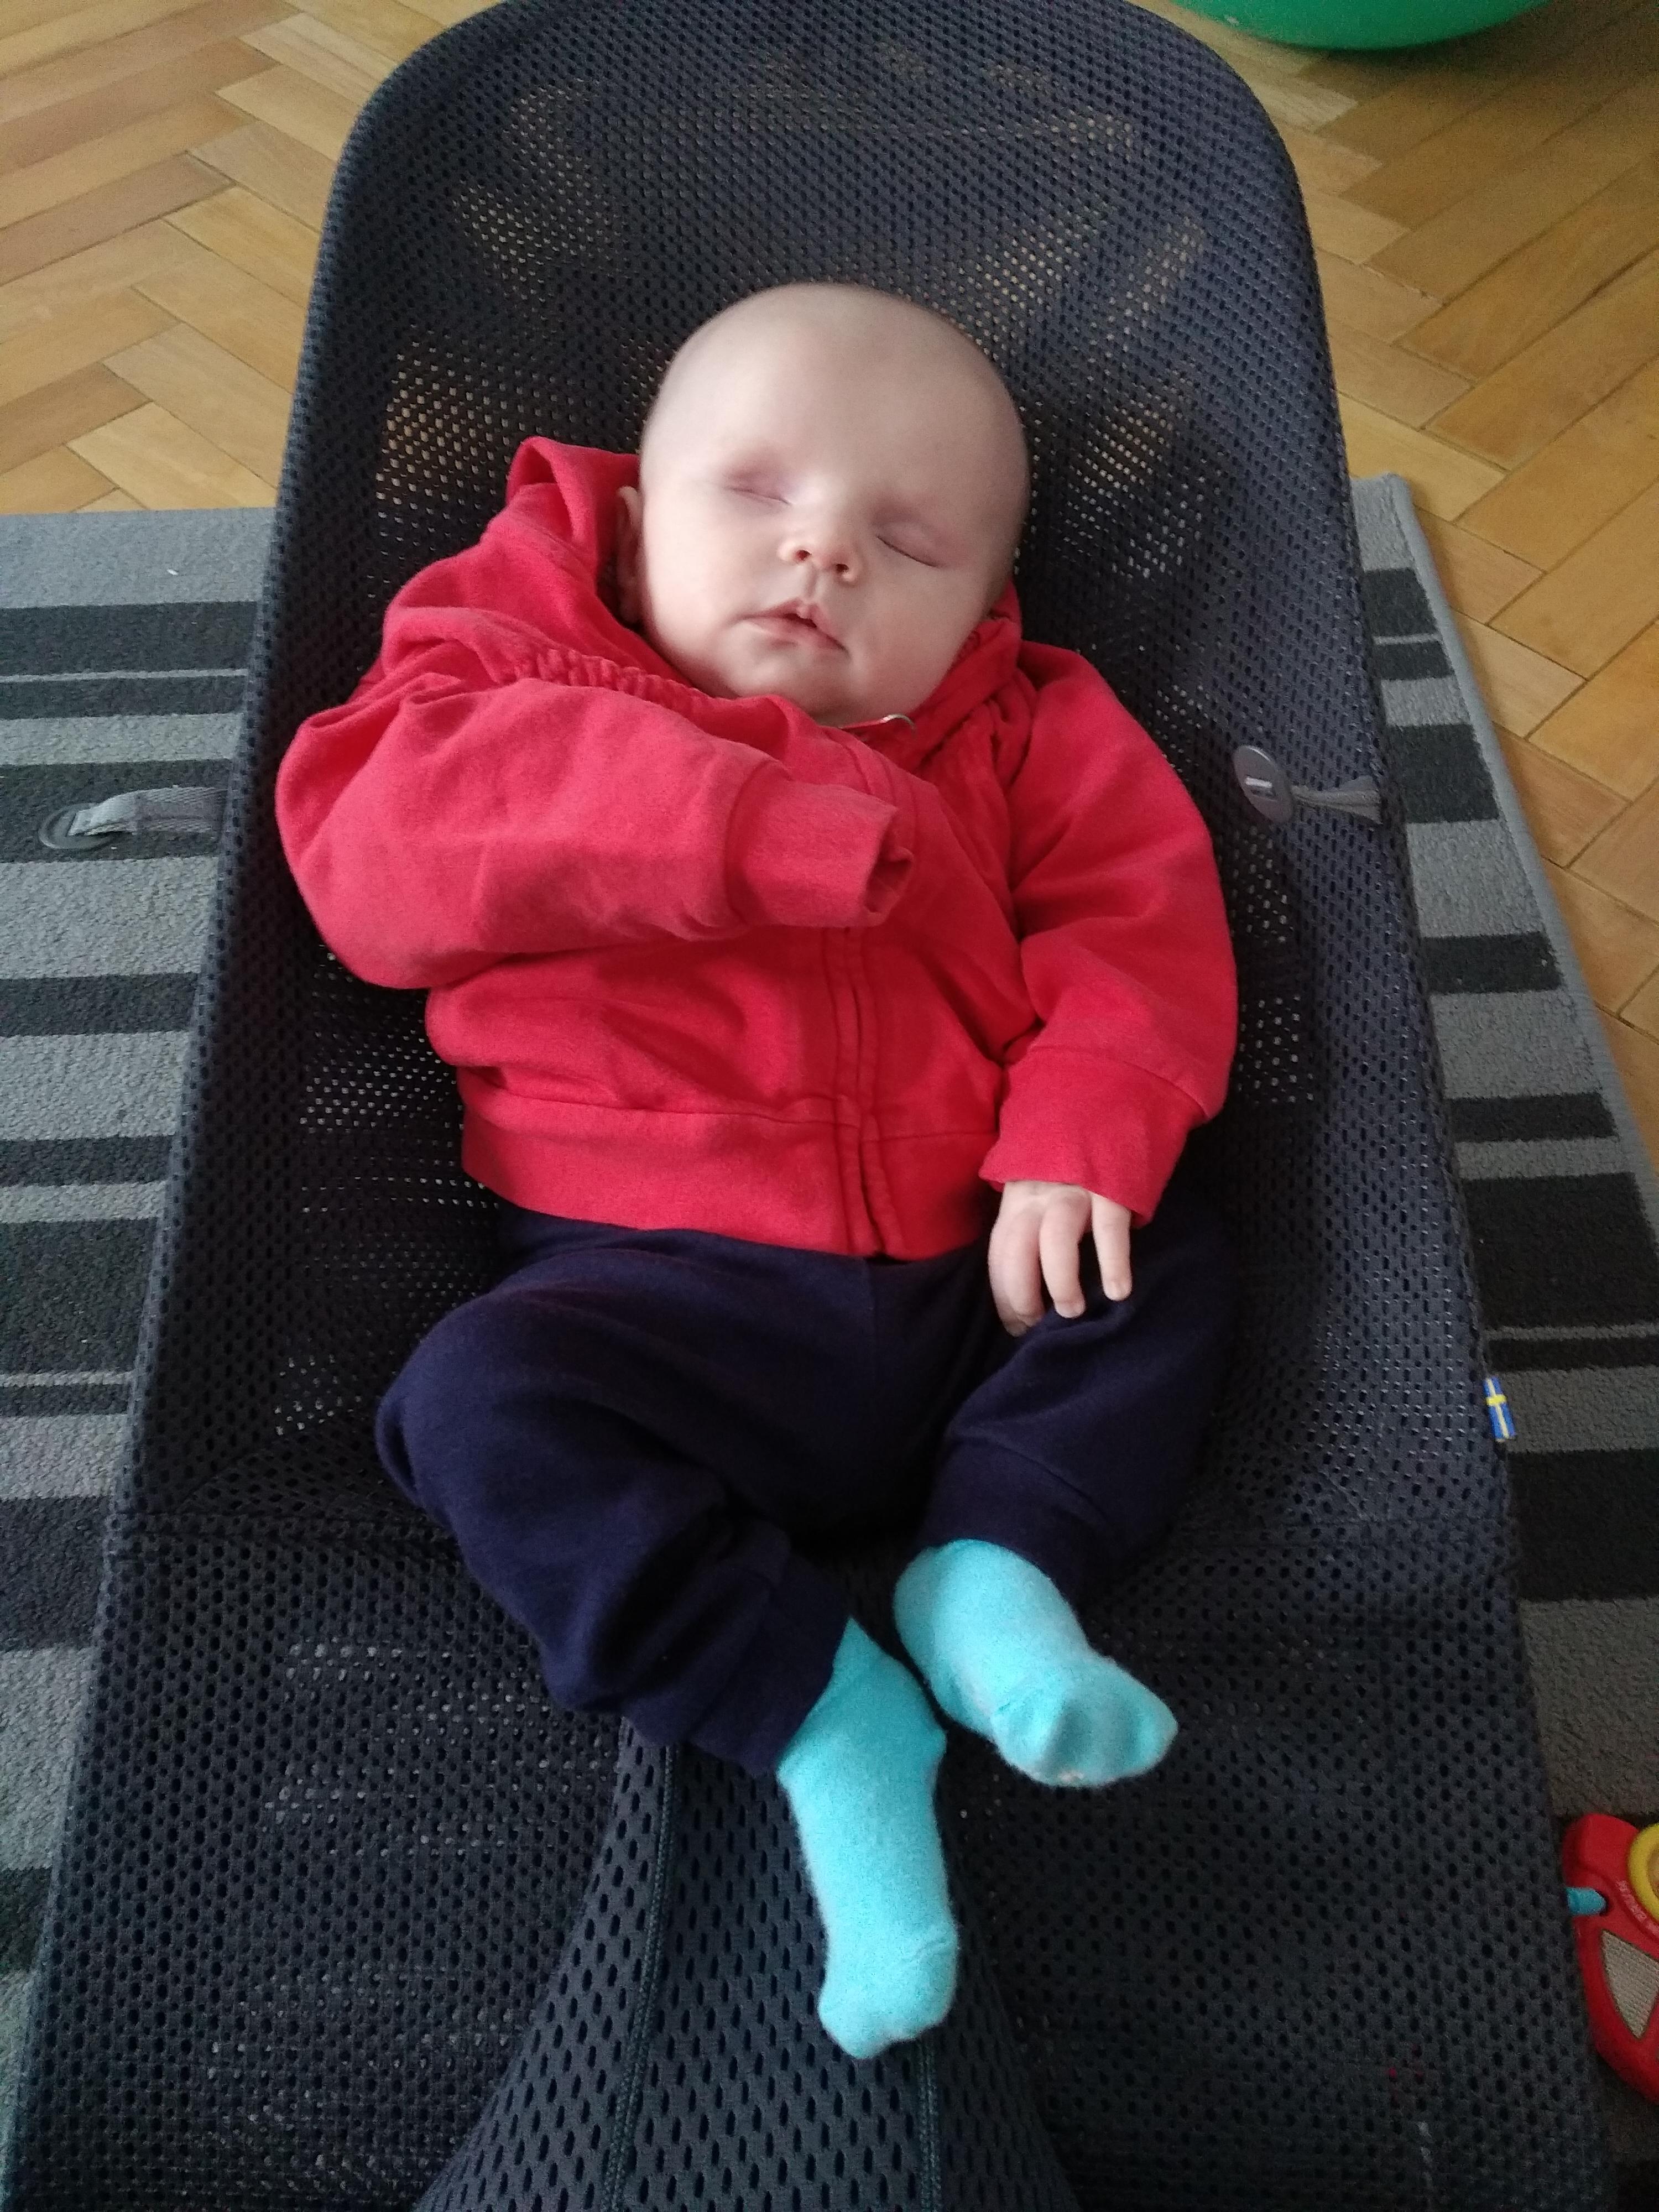 Jarní lockdown a hluchoslepé miminko?